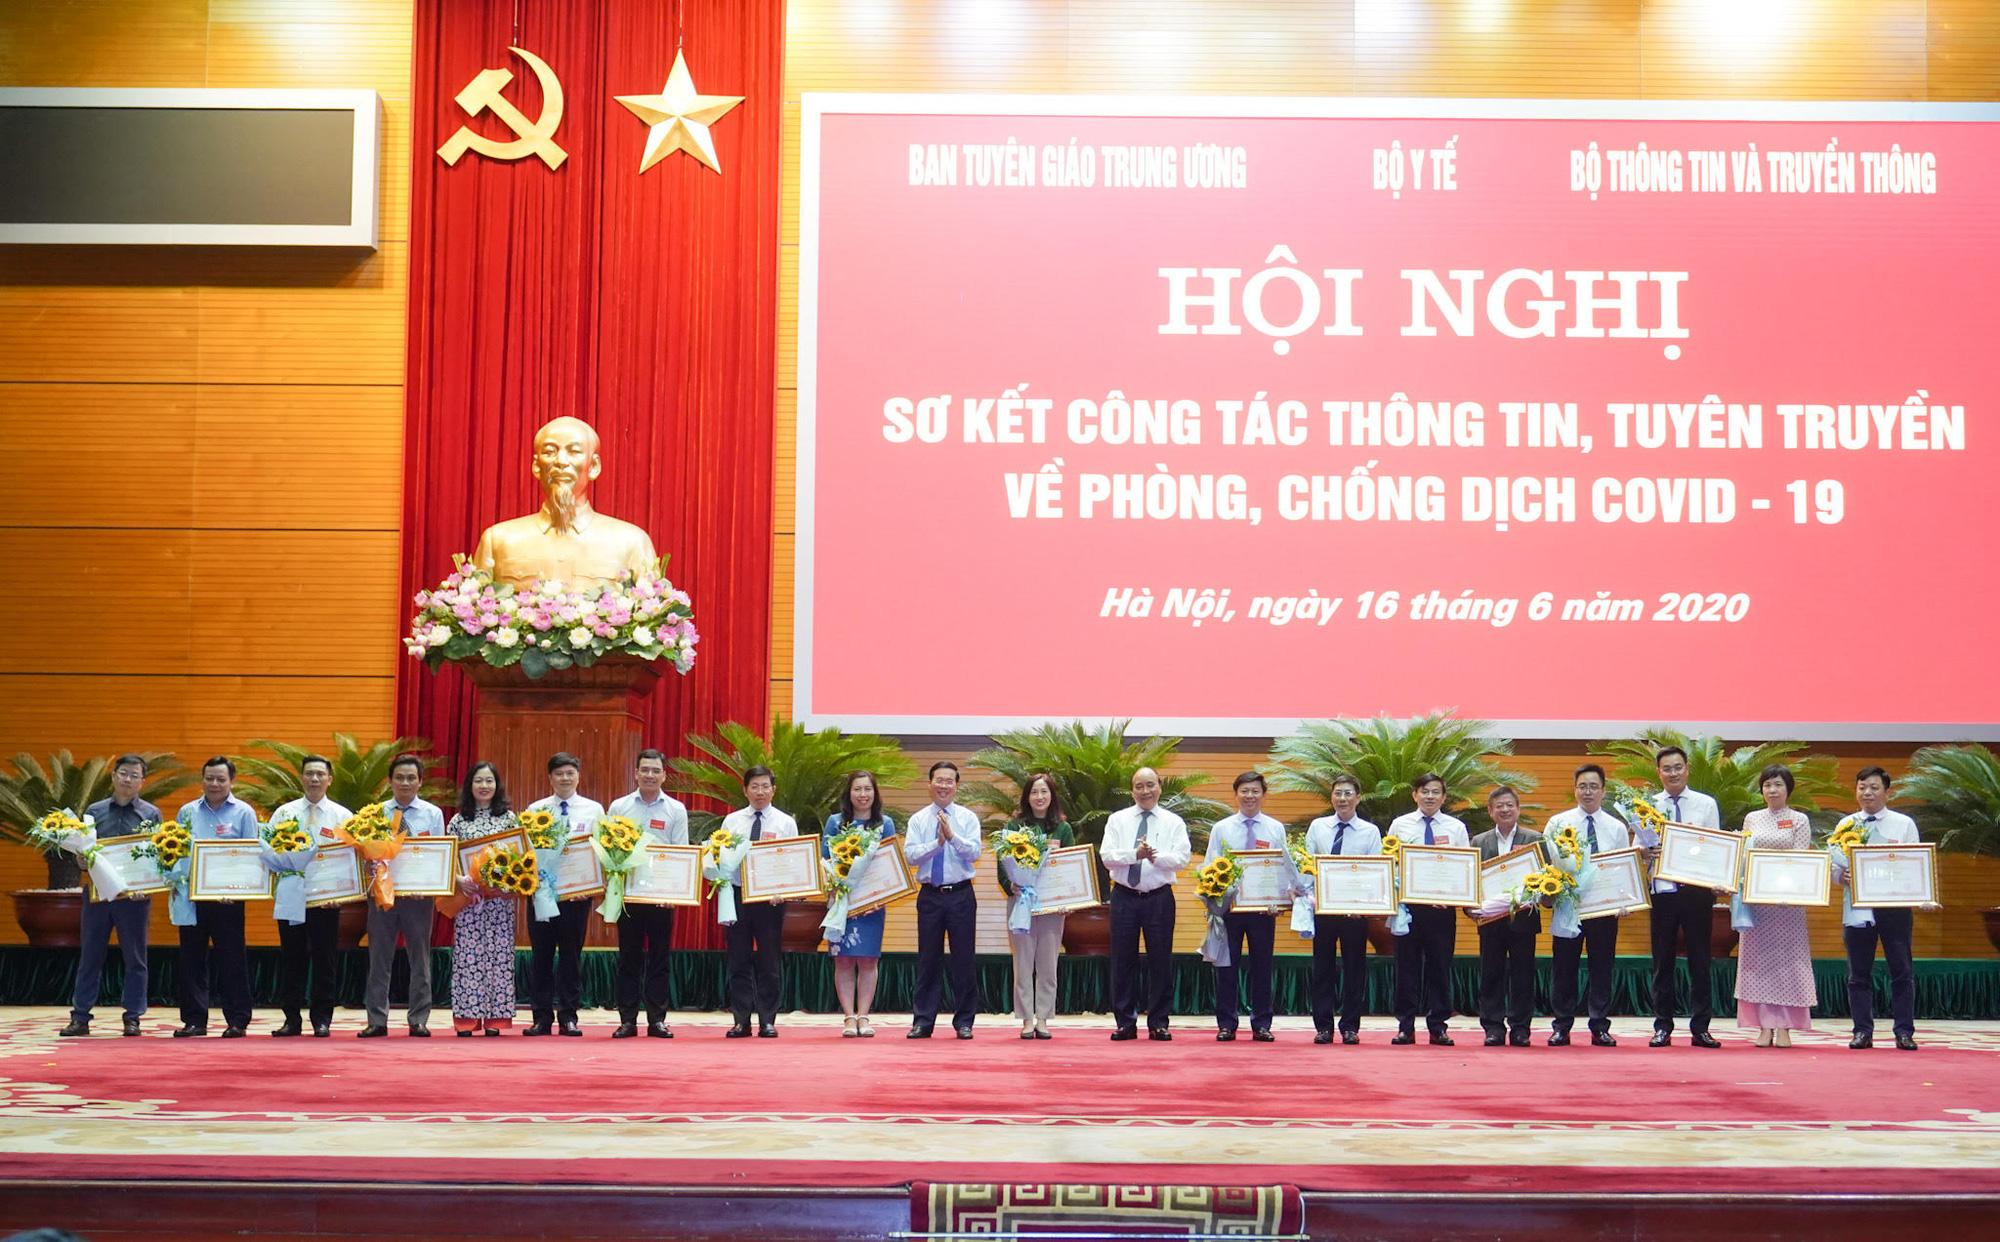 Thủ tướng mong muốn báo chí lan tỏa năng lượng tích cực trong xã hội - Ảnh 3.